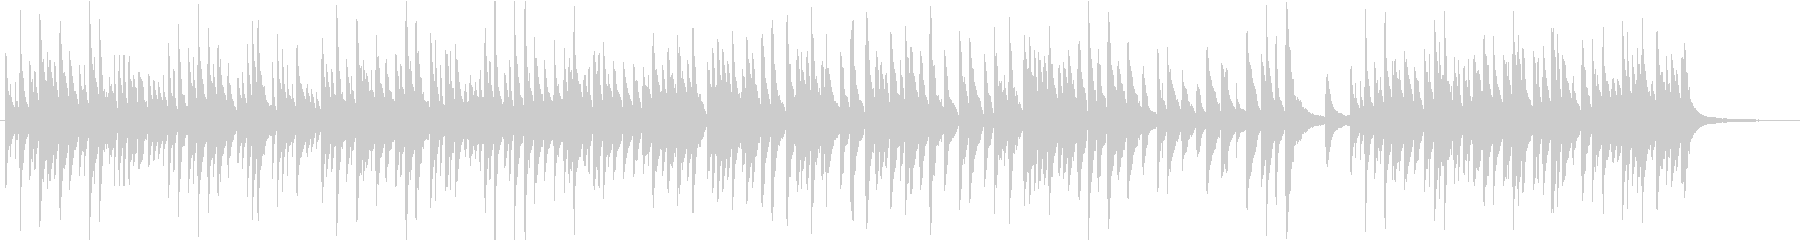 優しく繊細なメロディによるピアノ曲の未再生の波形